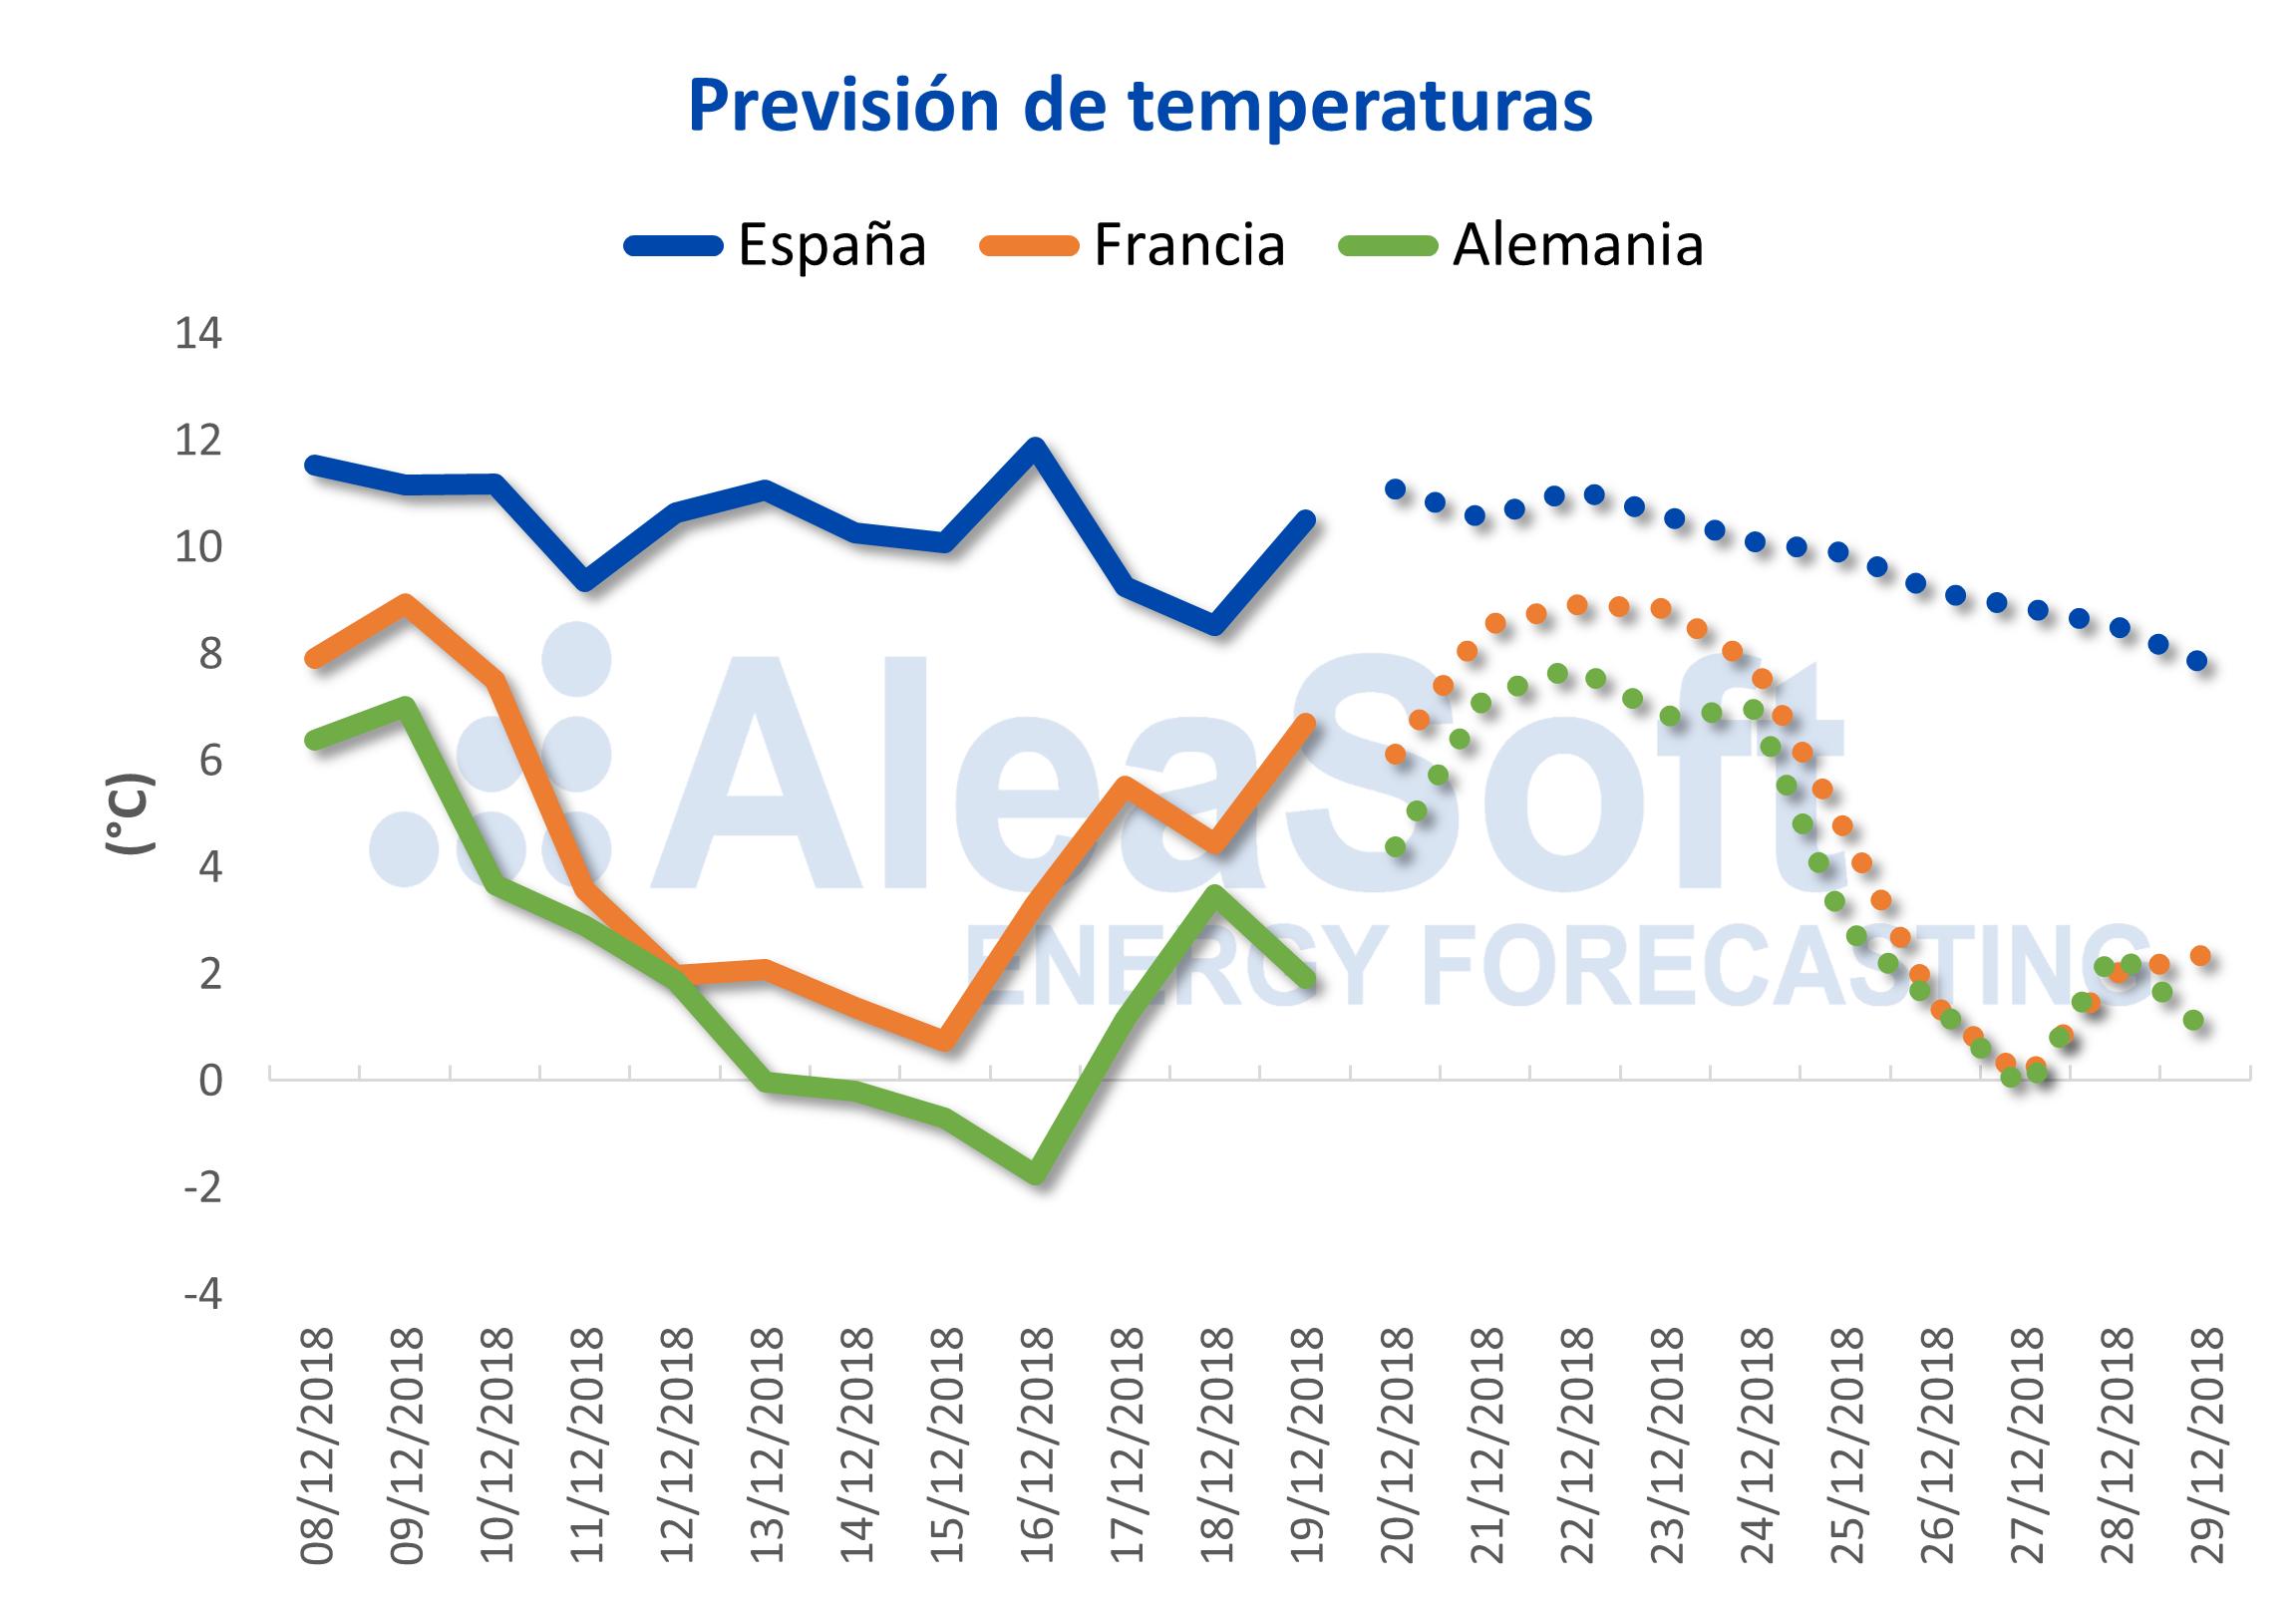 AleaSoft - Previsión de temperaturas para España, Francia y Alemania